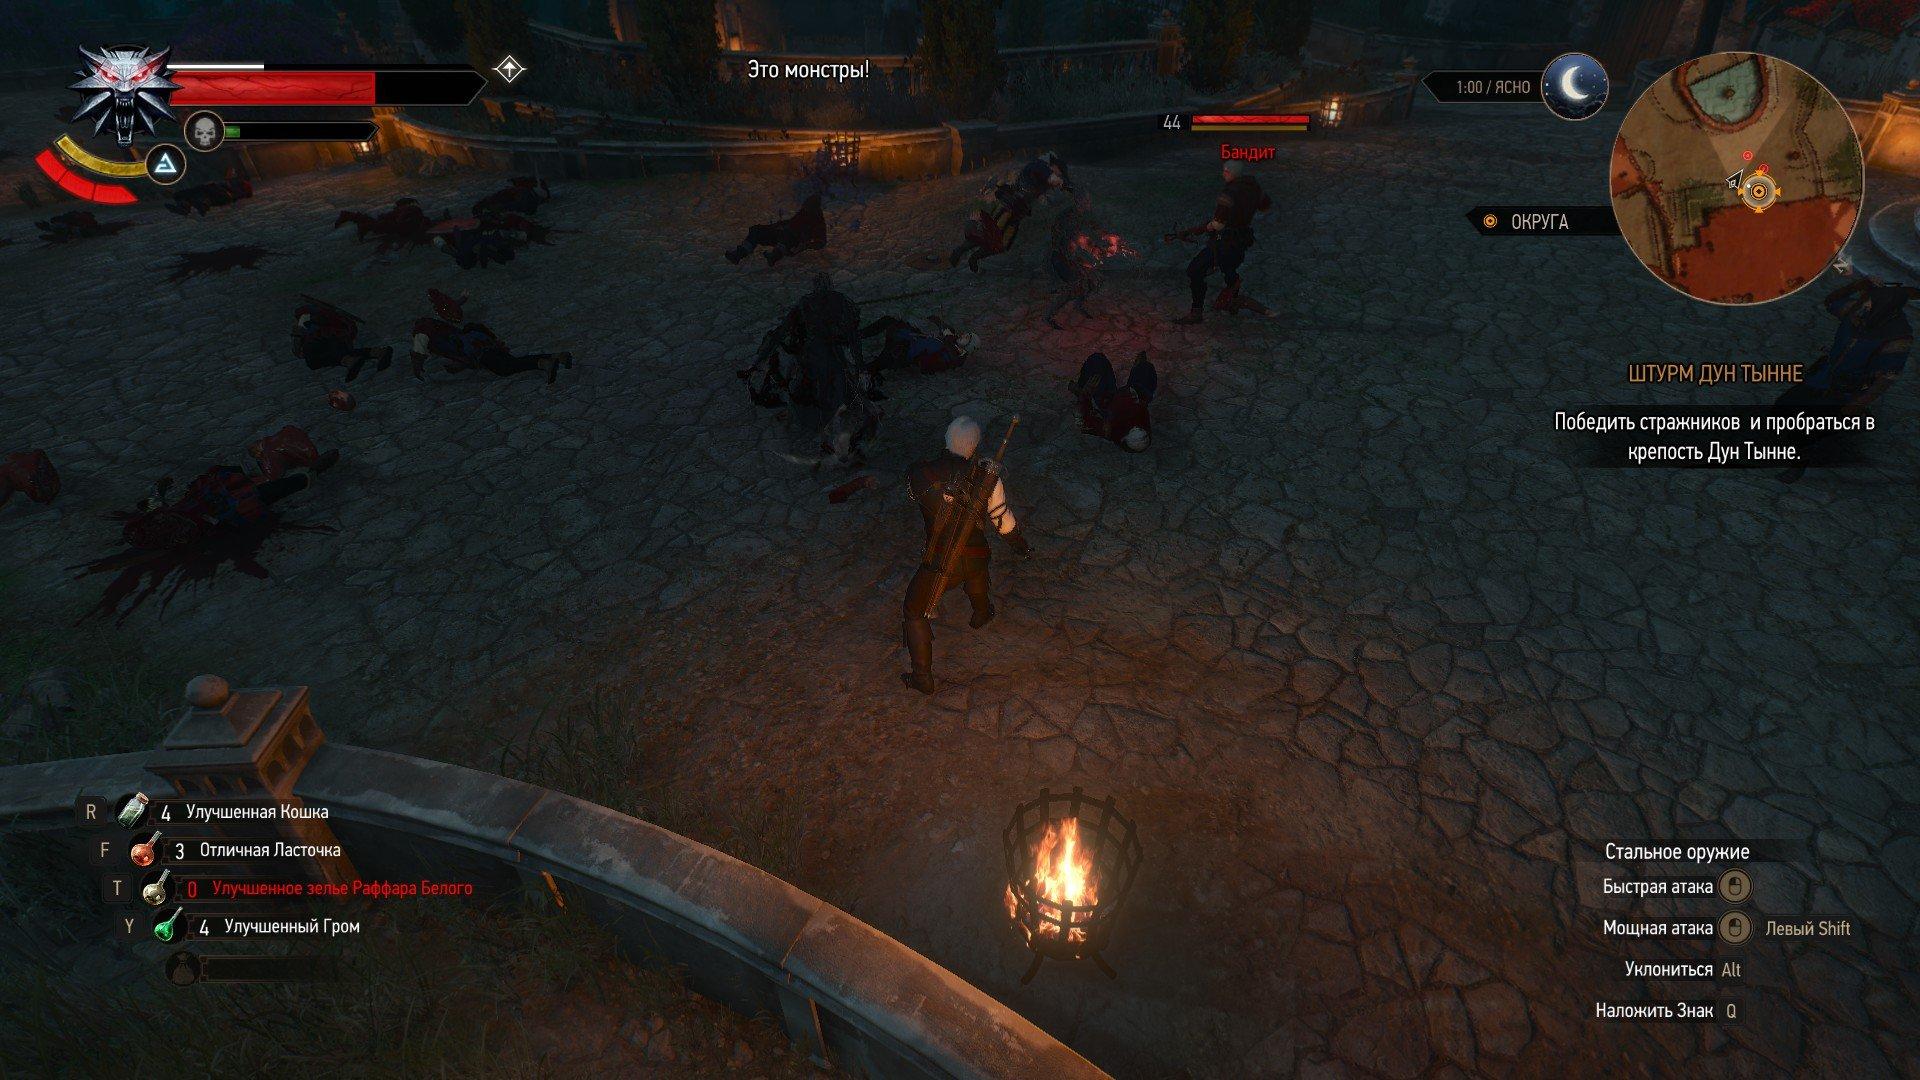 Вопль-прохождение Witcher 3: Кровь и Вино ... ФИНАЛ!!! [ВНИМАНИЕ, СПОЙЛЕРЫ] - Изображение 15